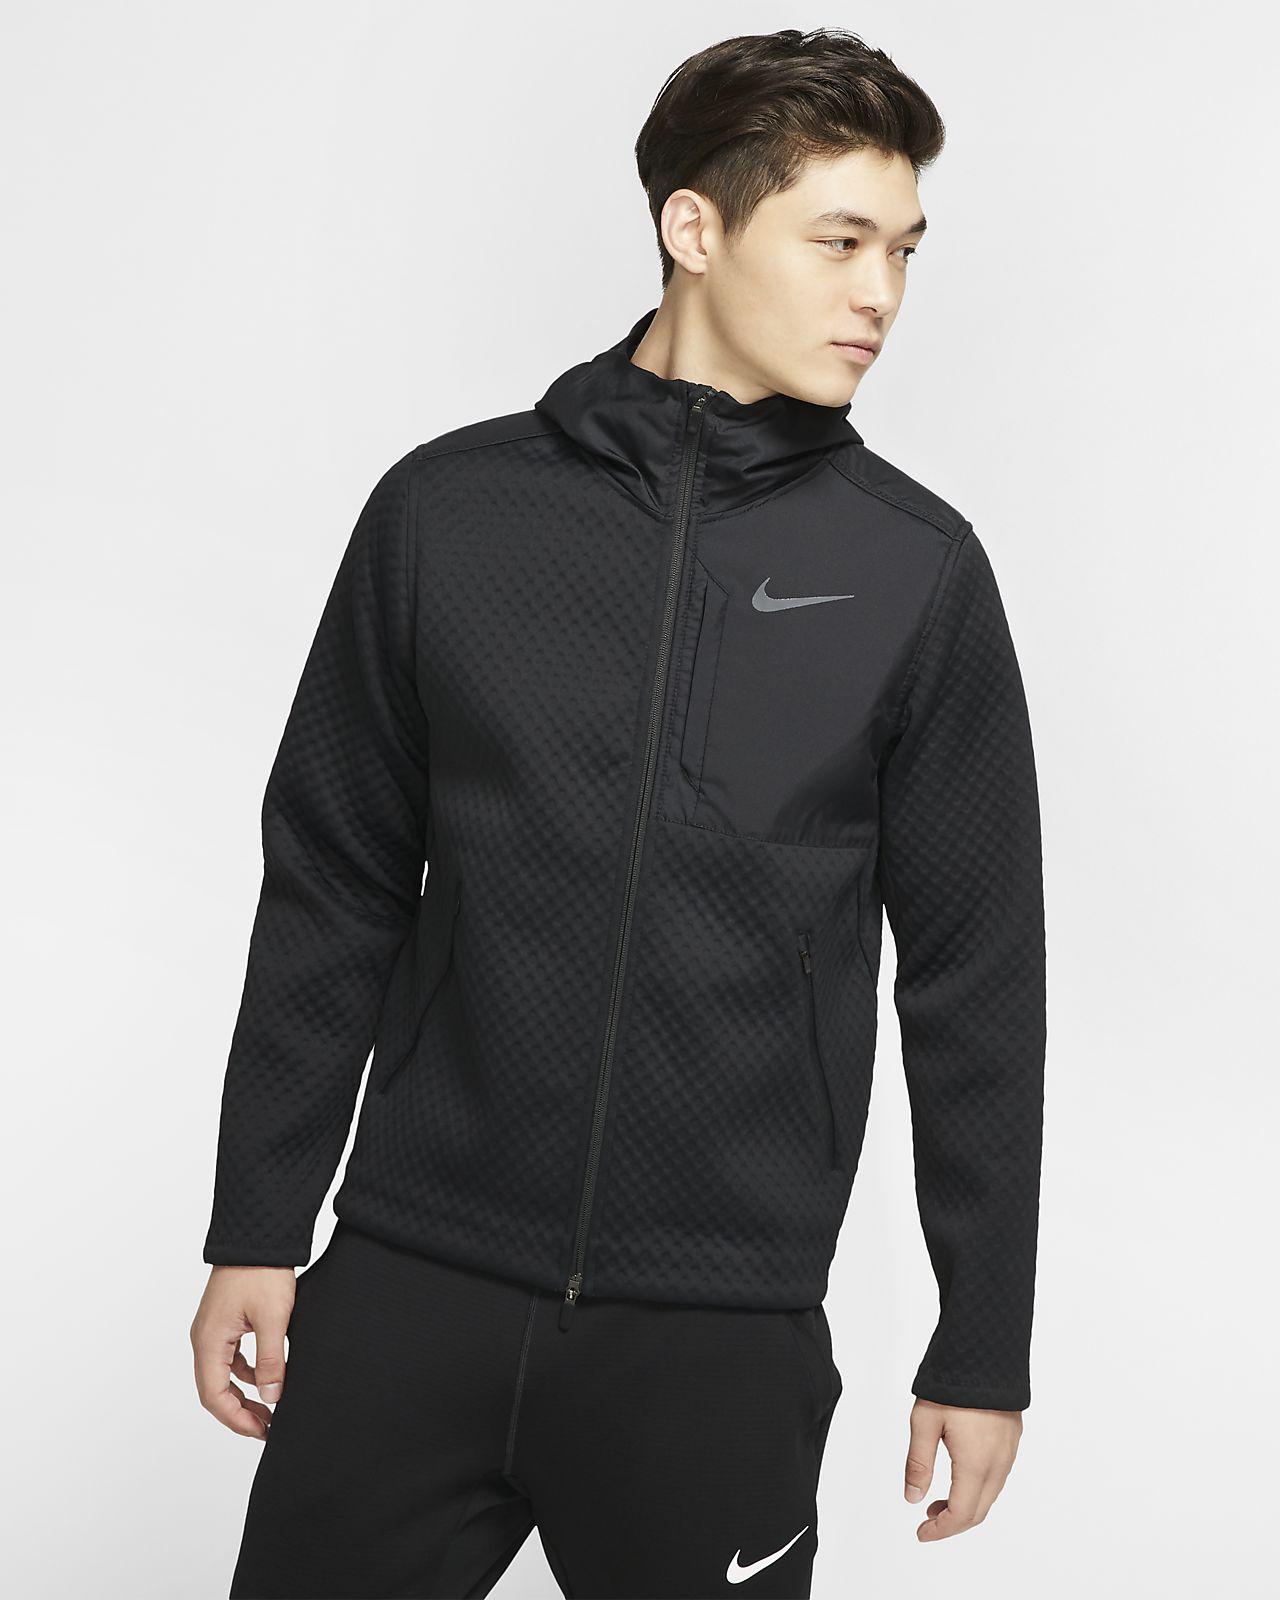 Giacca da training con cappuccio e zip a tutta lunghezza Nike Therma - Uomo